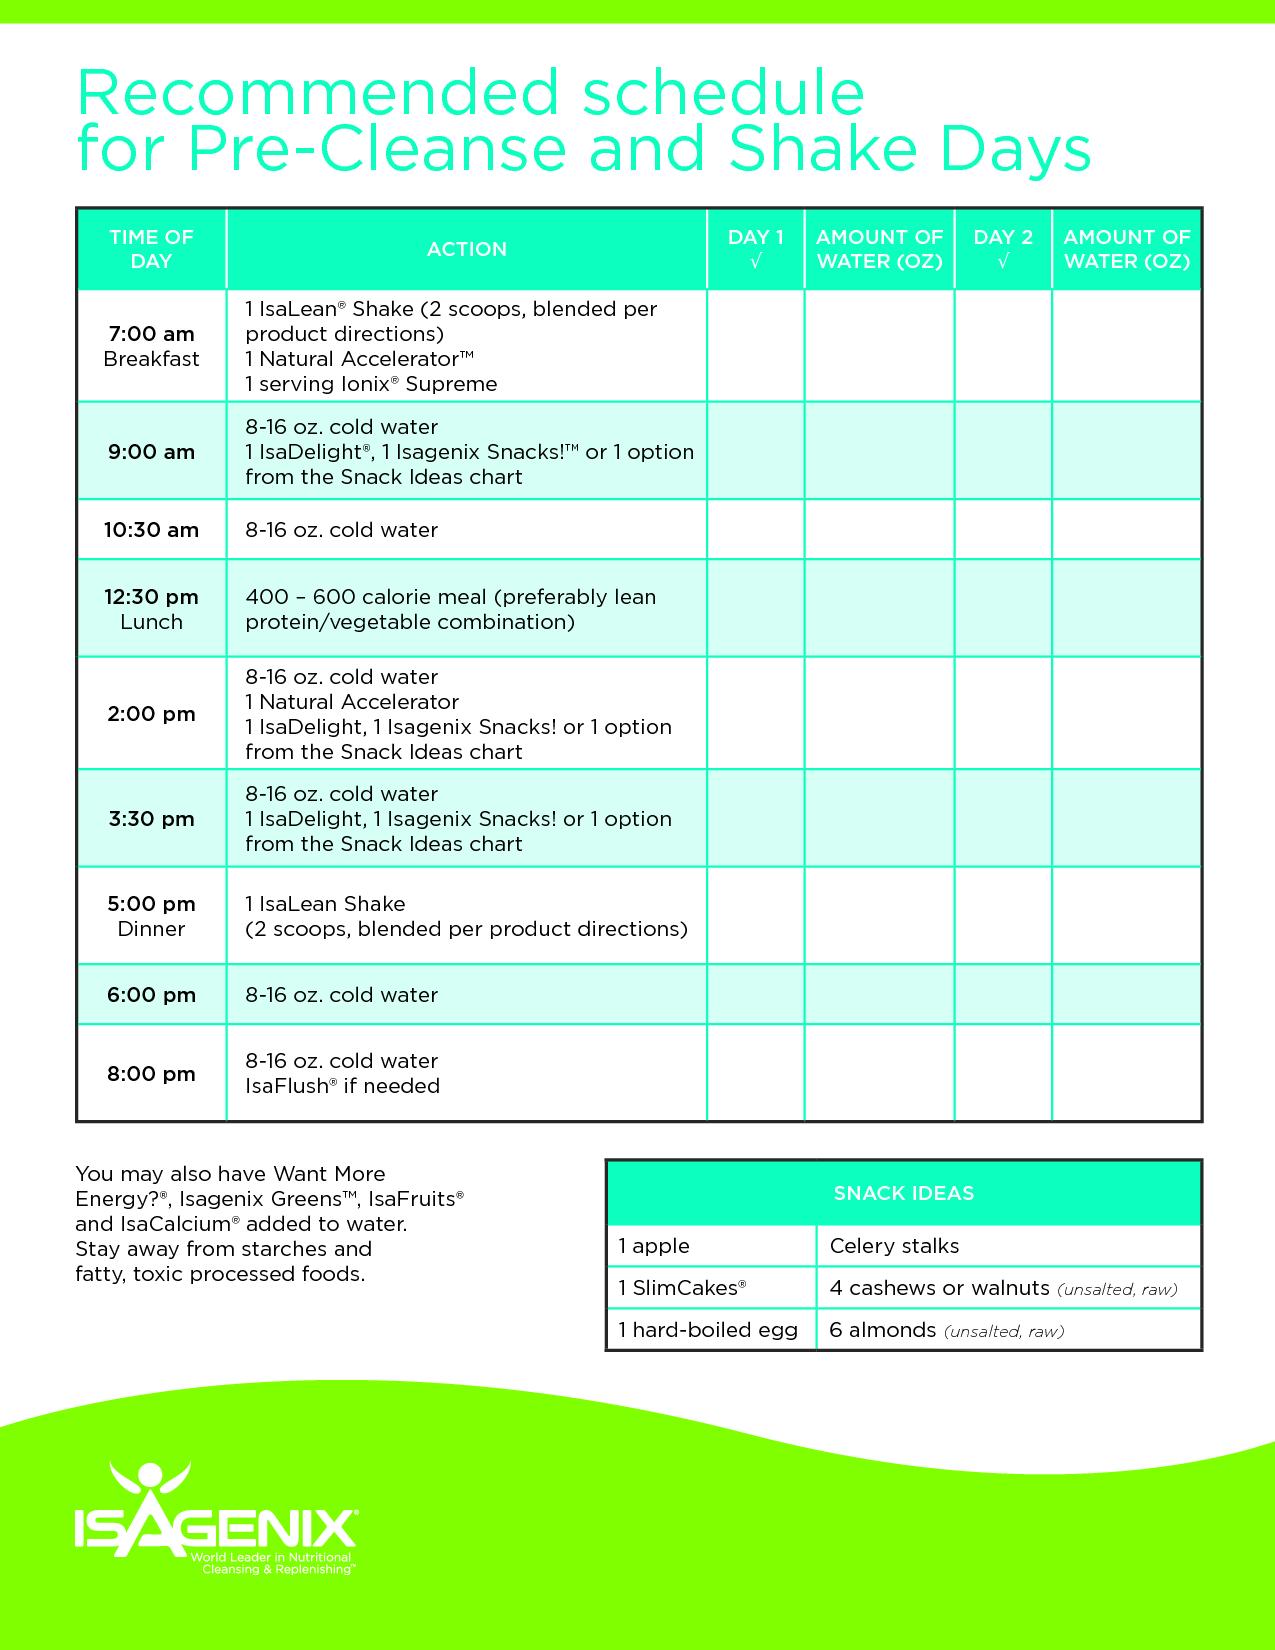 Isagenix Shake Day Schedule - Google Search | Isagenix with regard to Isagenix Shake Day Schedule Printable